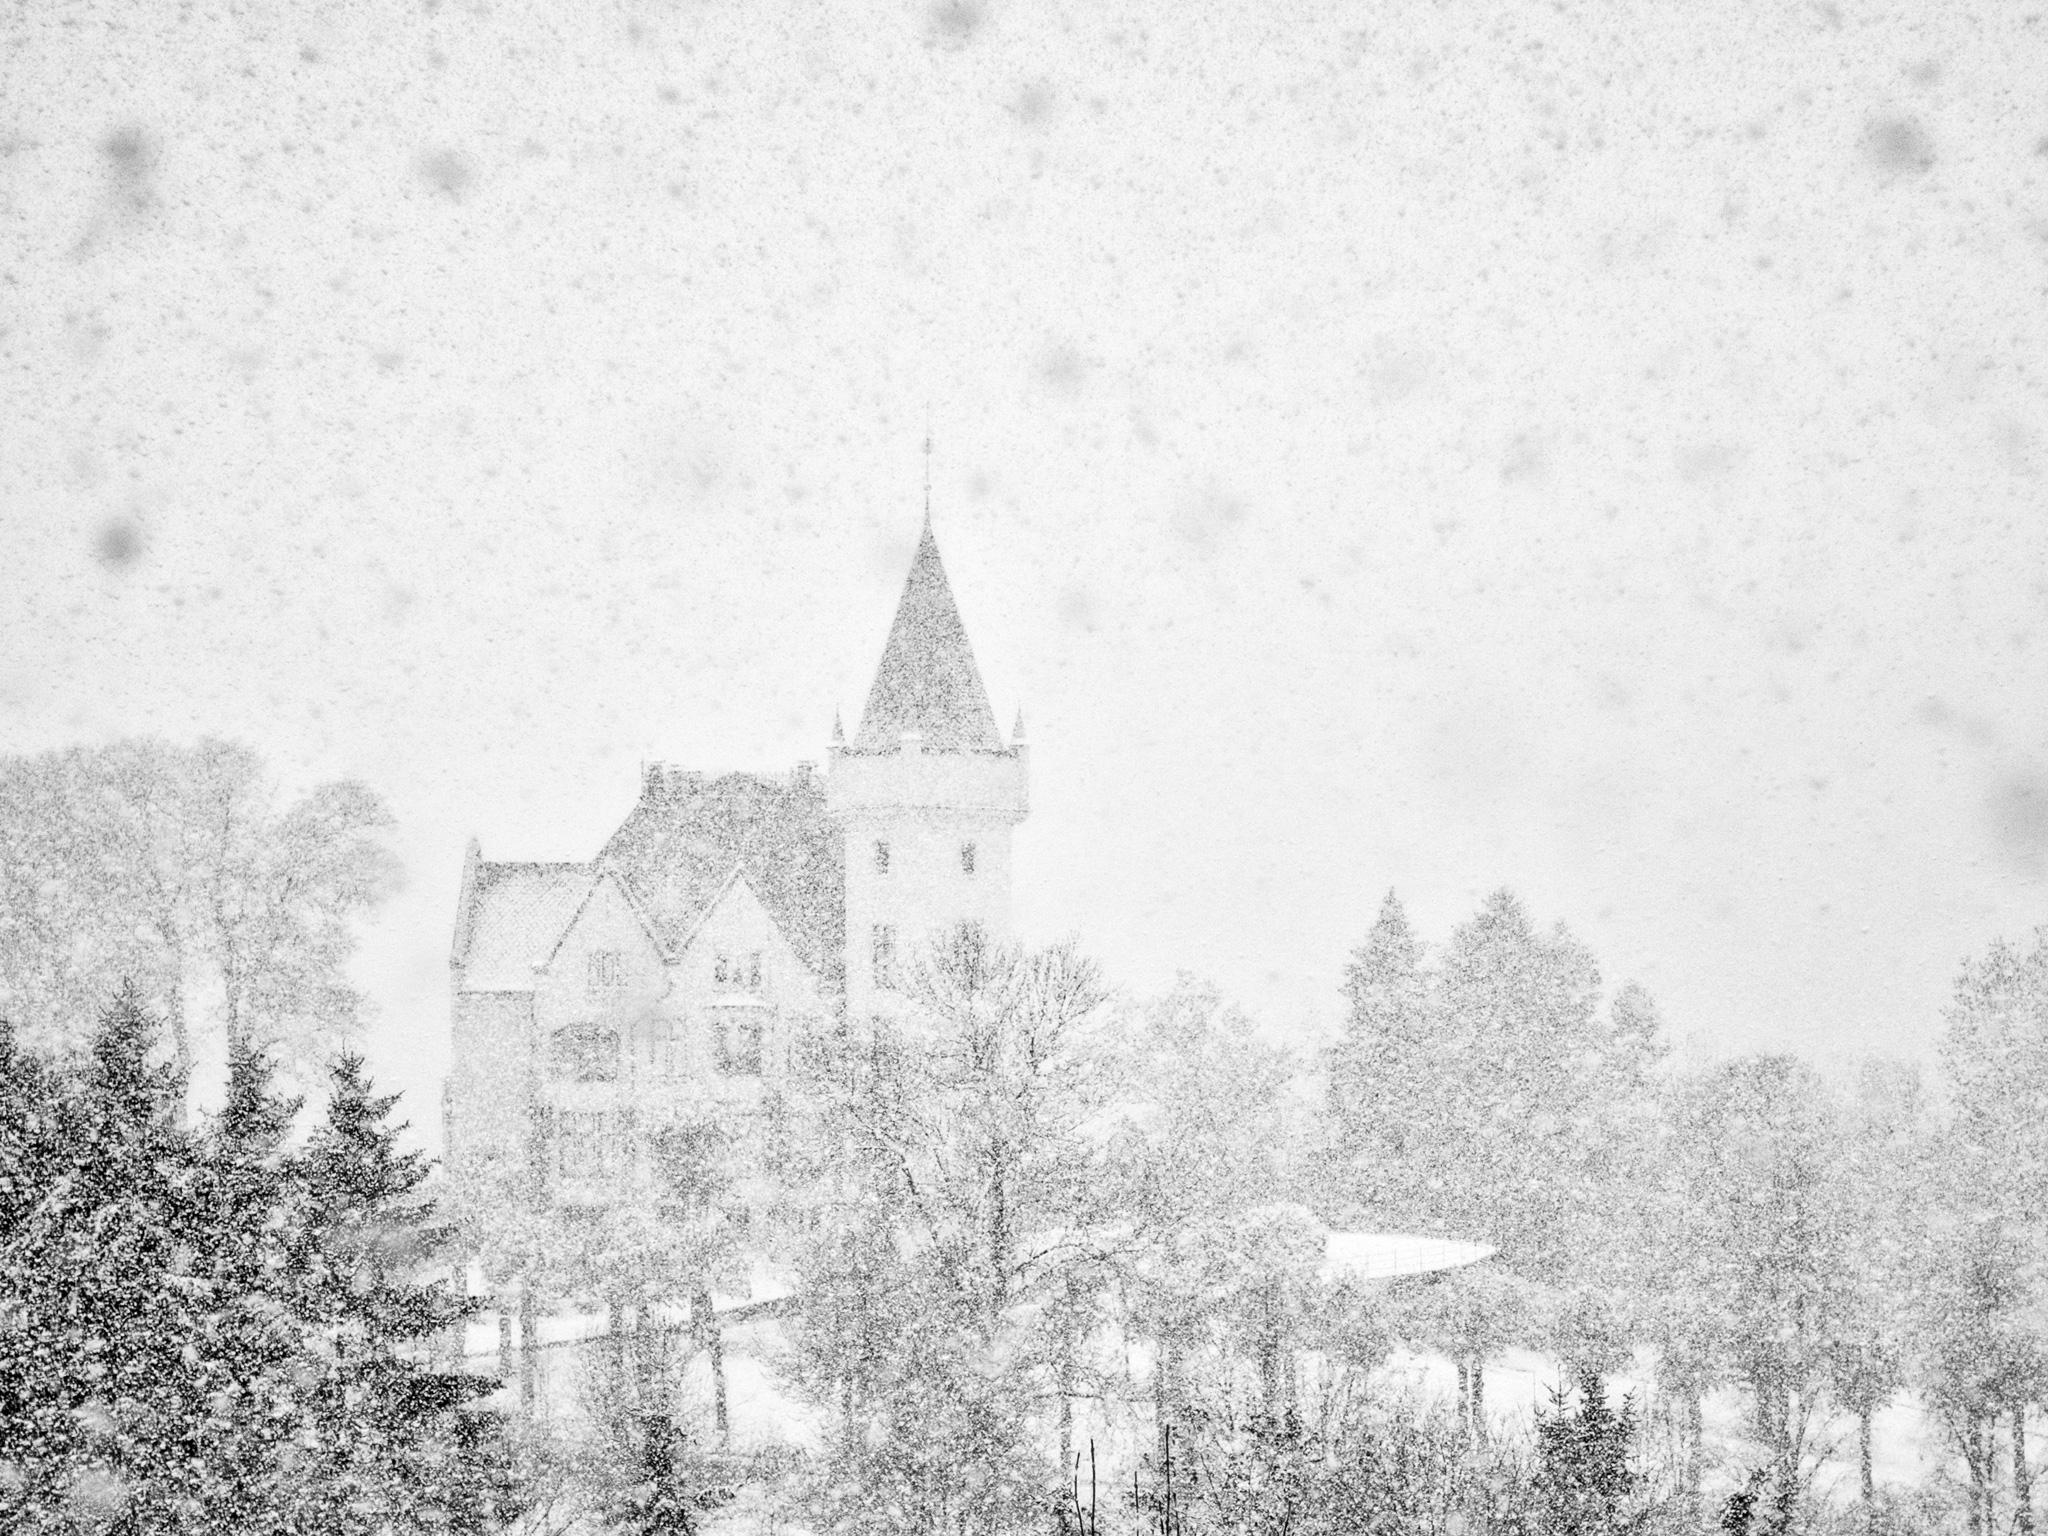 5682ab26c2ebbef23e7dbc4f_snow-castles-gamlehaugen-castle-bergen-norway-cr-getty